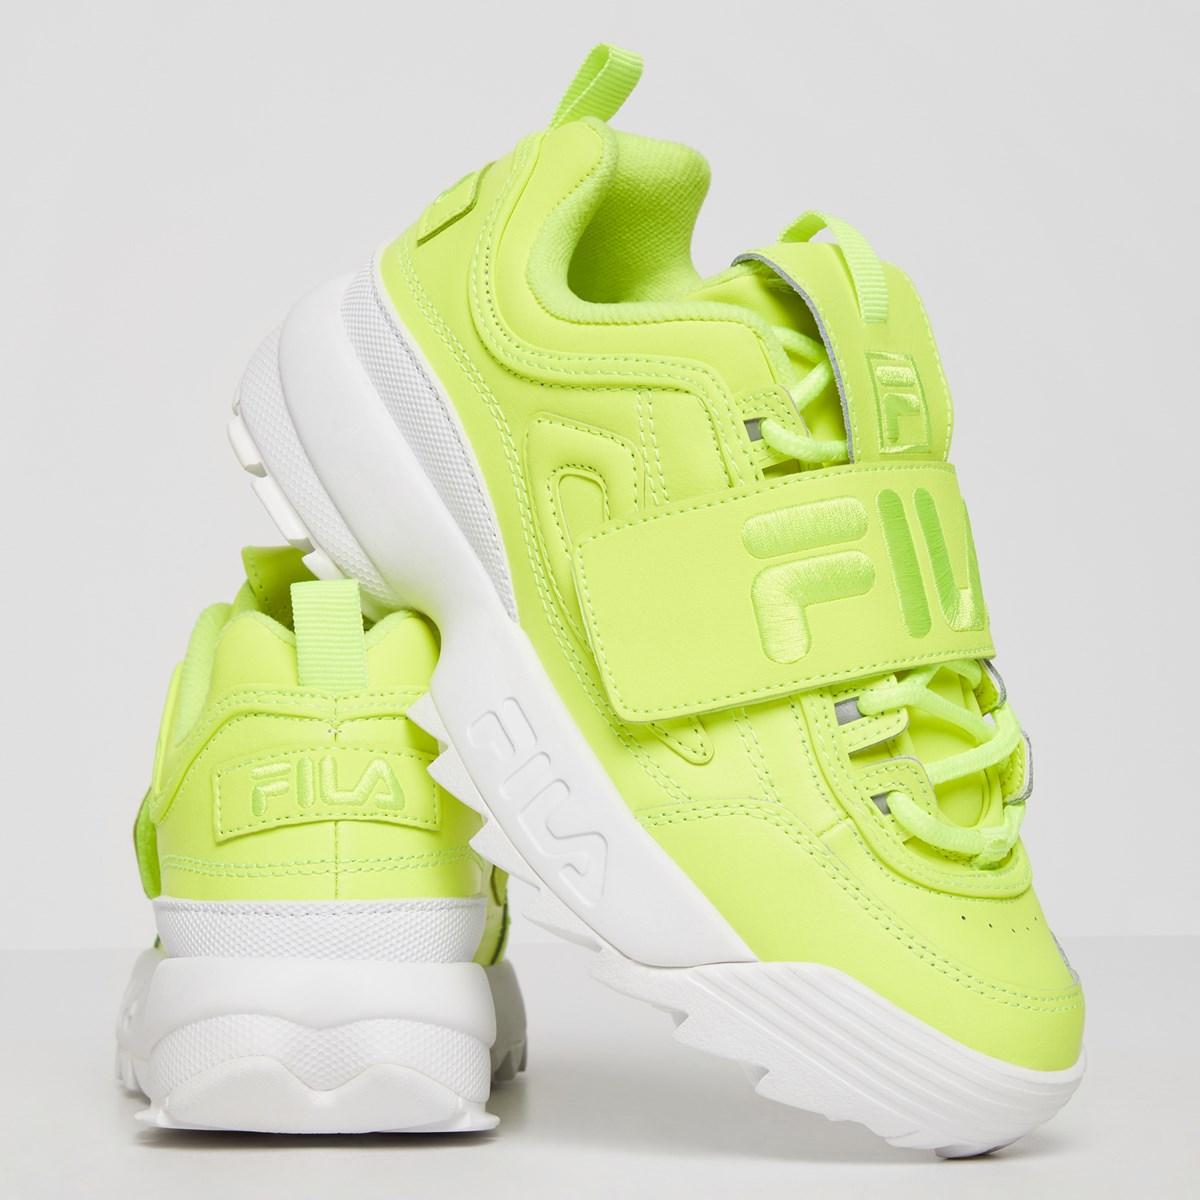 Women's Disruptor 2 Applique Sneakers in Neon Yellow